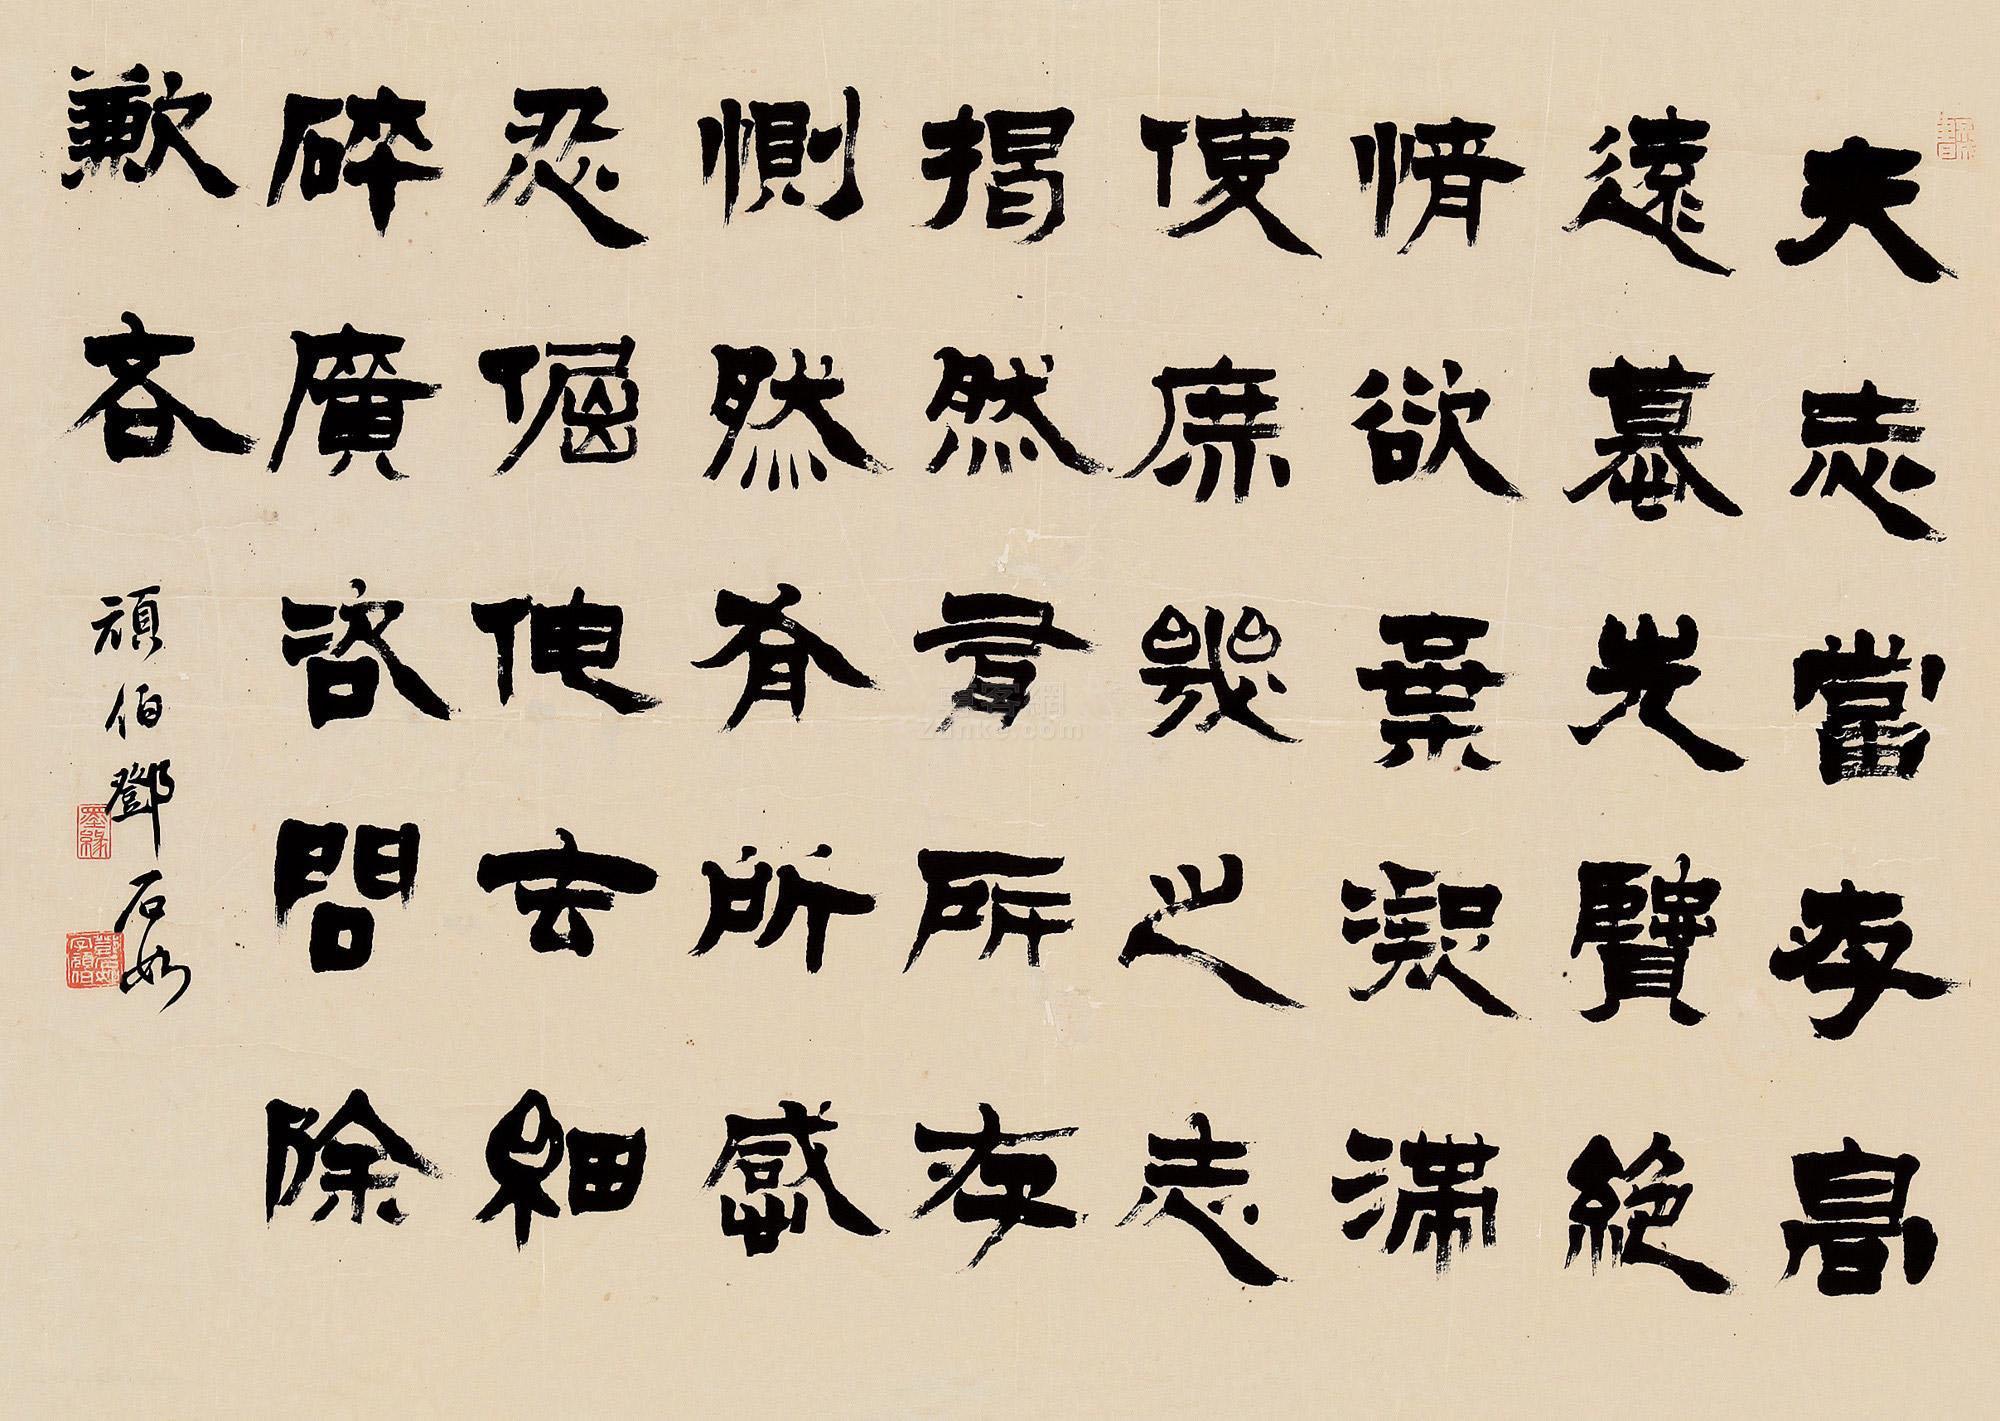 邓石如 隶书诸葛亮句 立轴 纸本作品欣赏